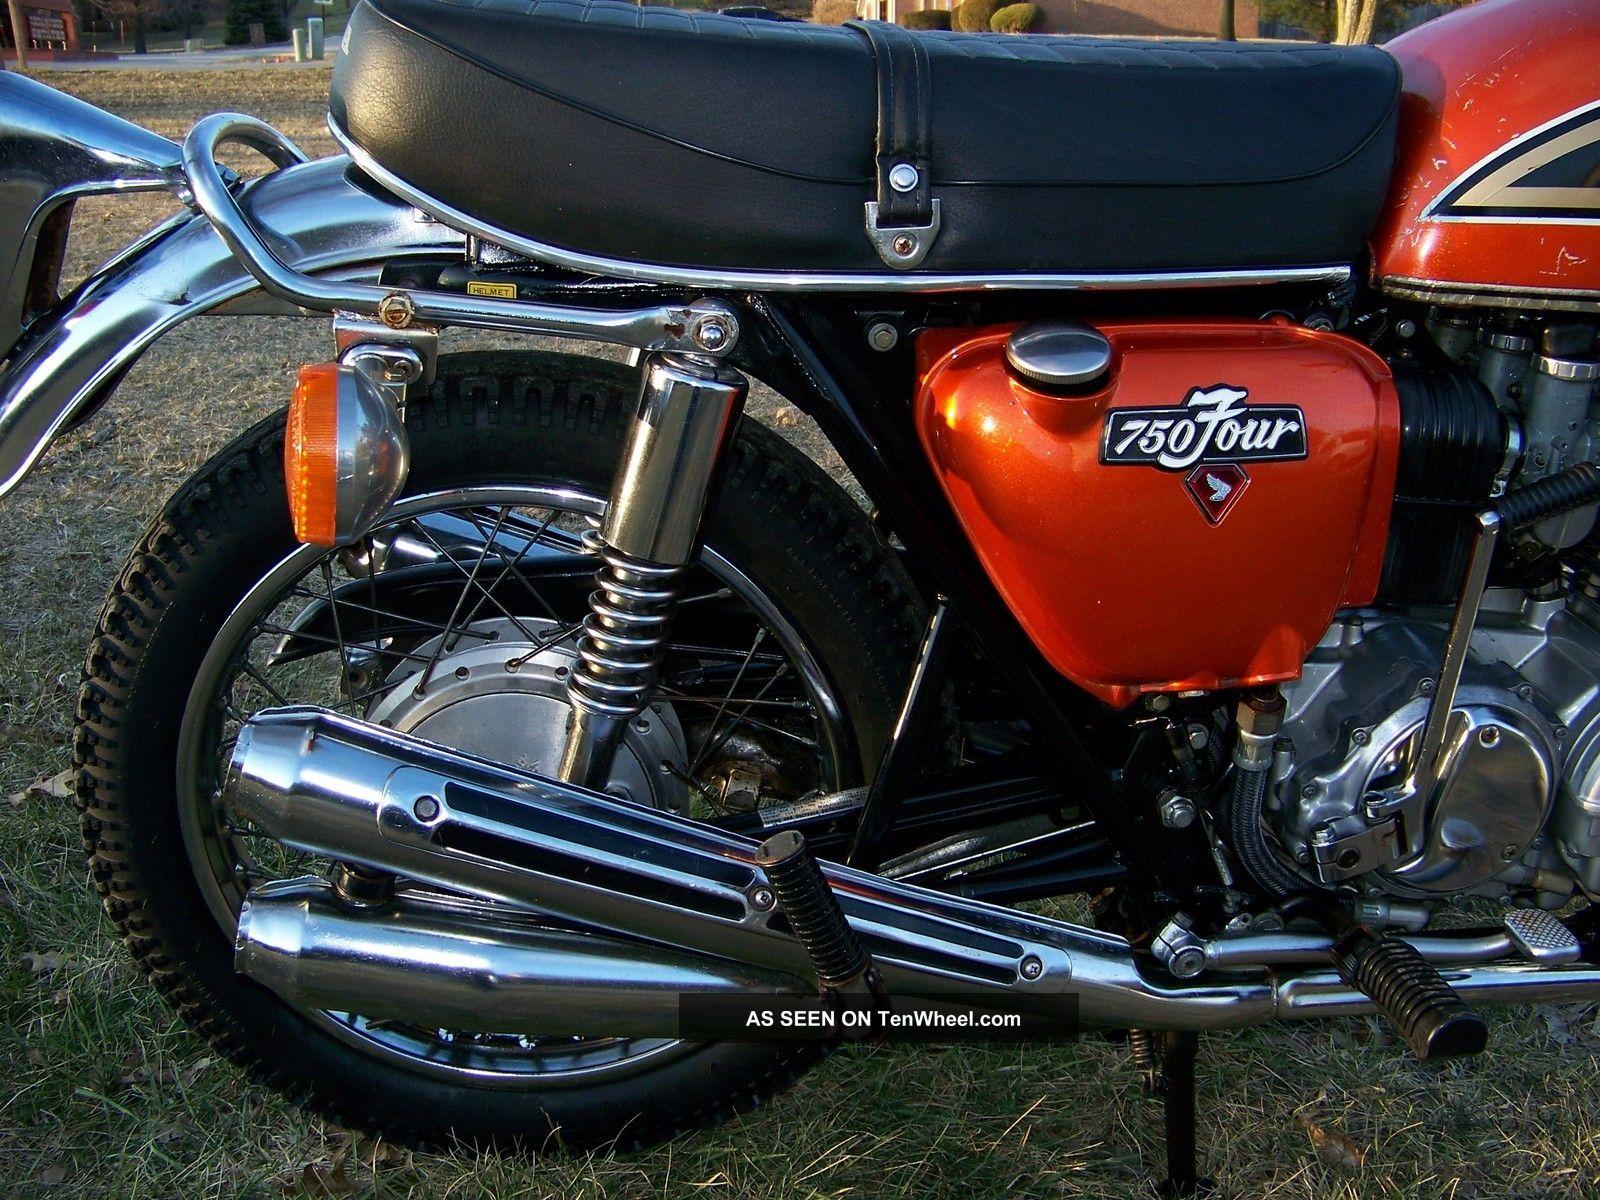 1975 honda cb 750 flake sunrise orange vintage cb750 4 publicscrutiny Choice Image